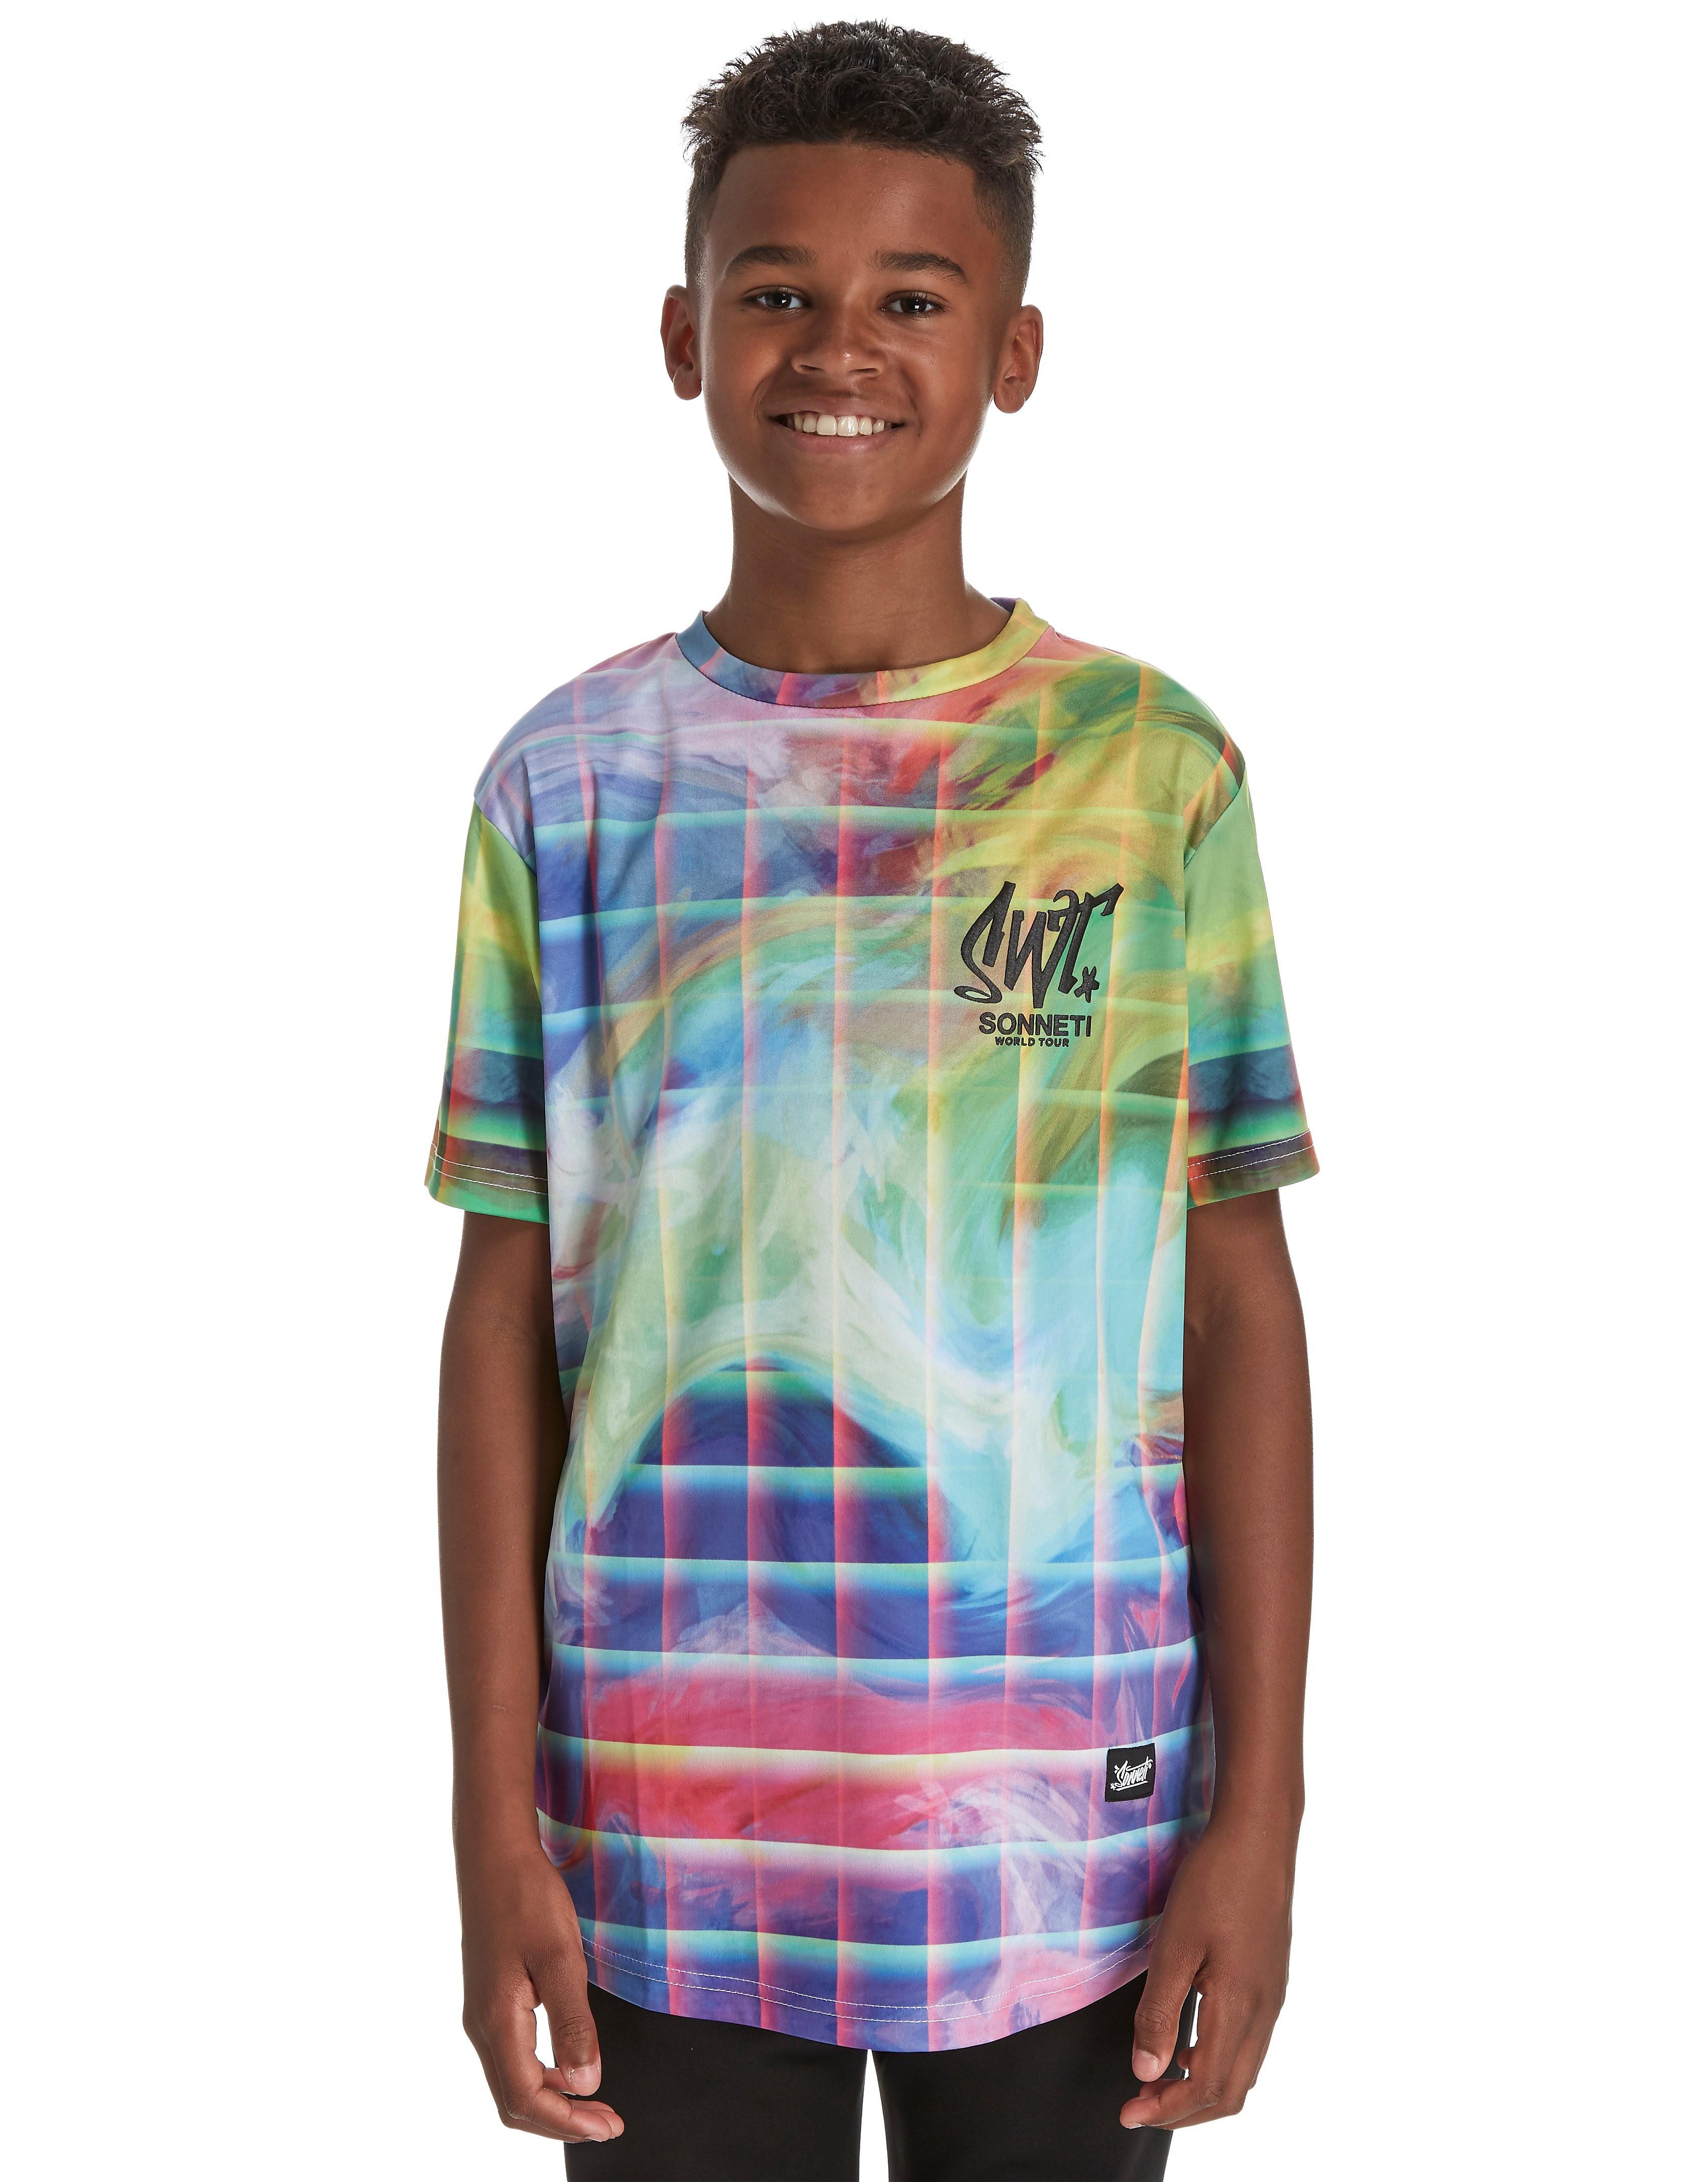 Sonneti Cubed T-shirt